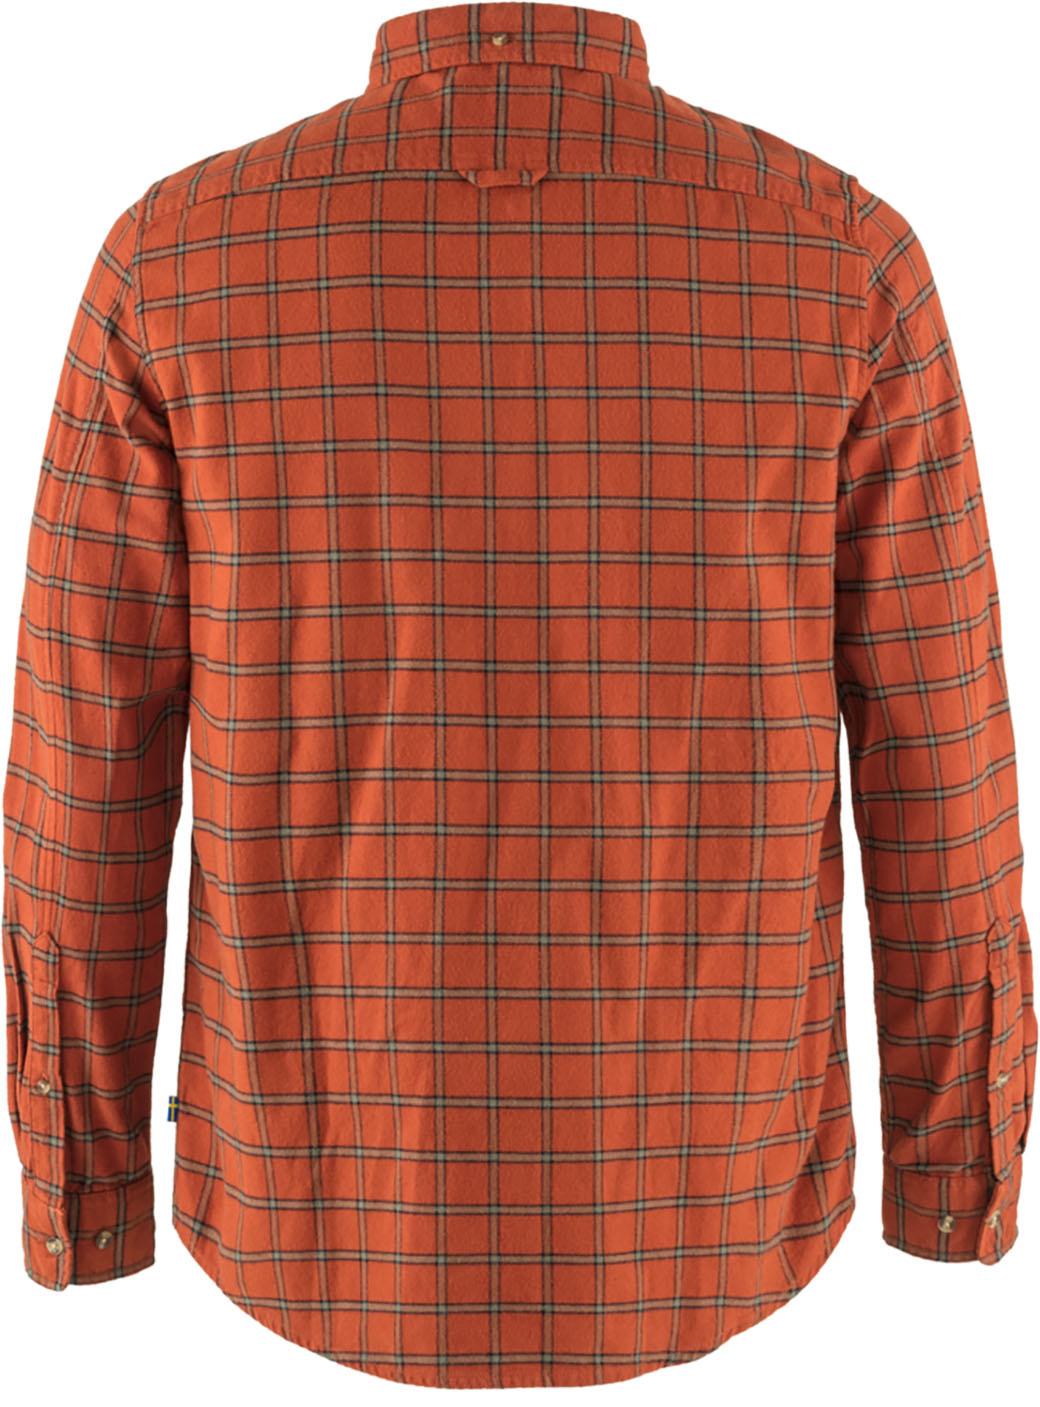 Fjällräven Övik Flannel Shirt M Autumn Leaf-2